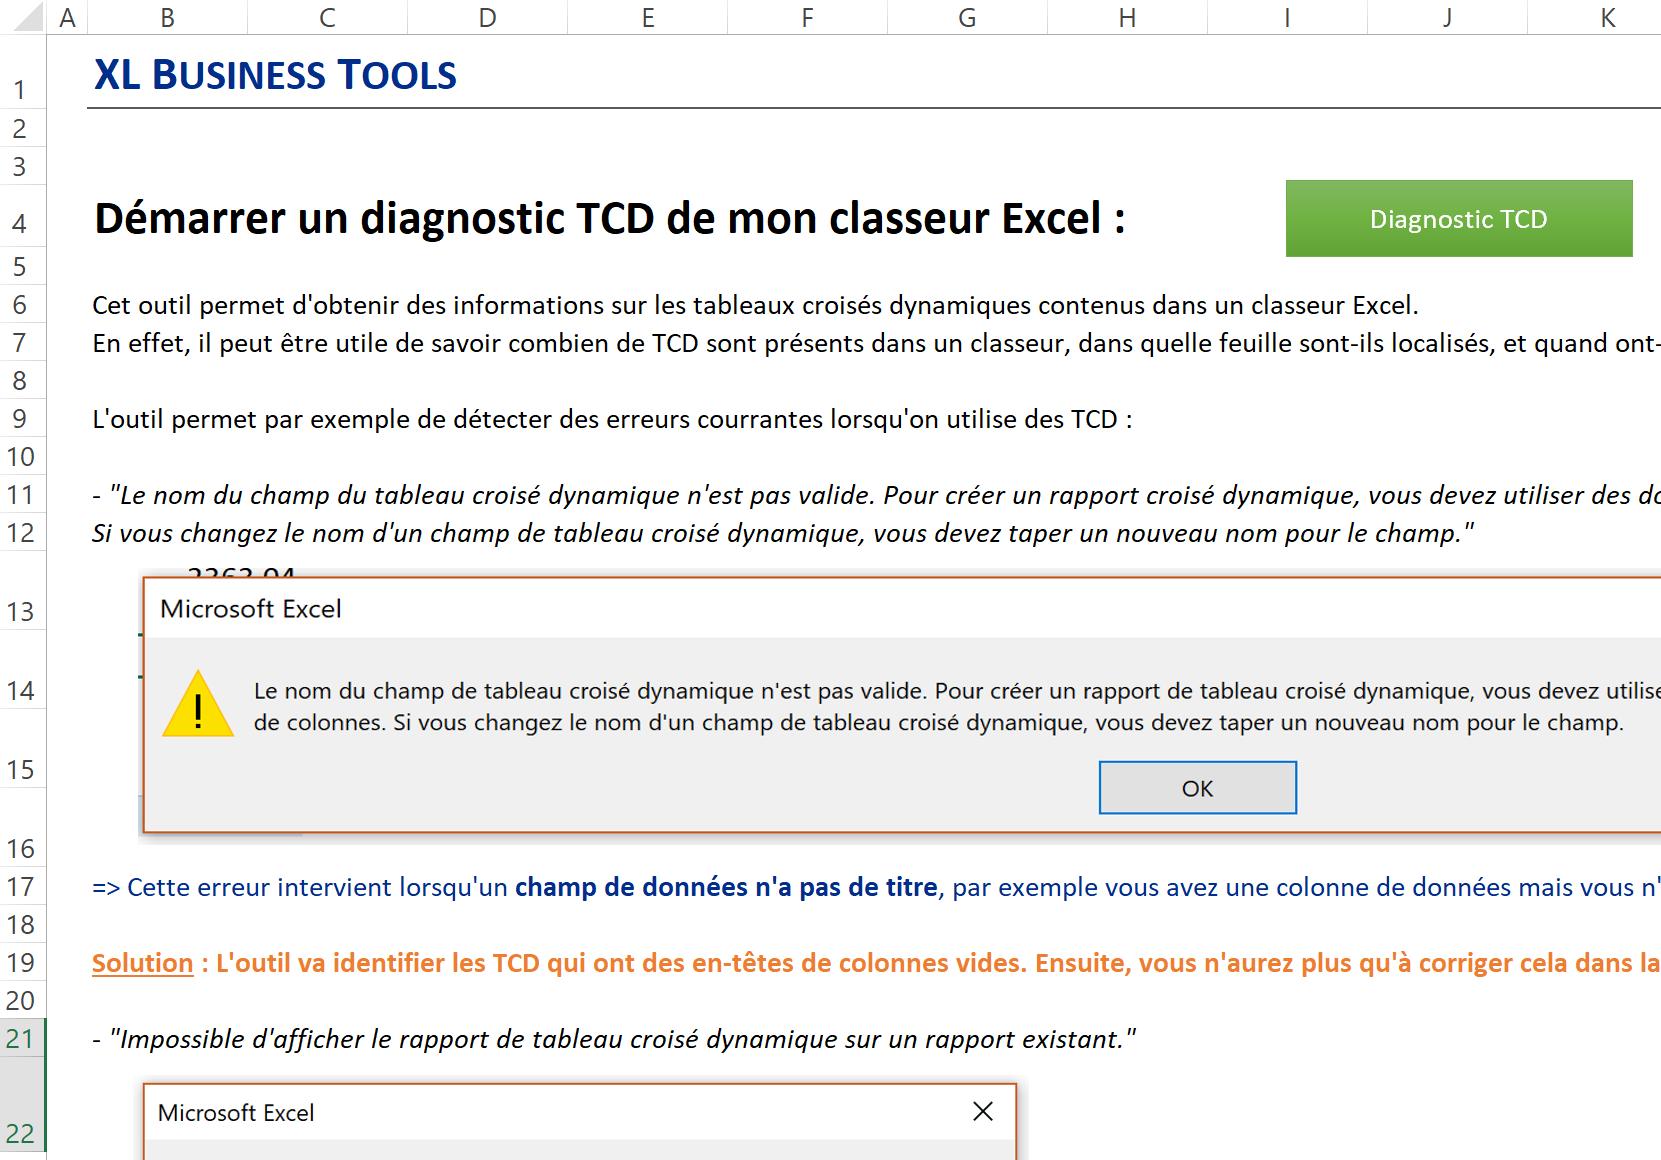 Macro Vba Diagnostiquer Les Tableaux Croises Dynamiques D Un Classeur Excel Xl Business Tools